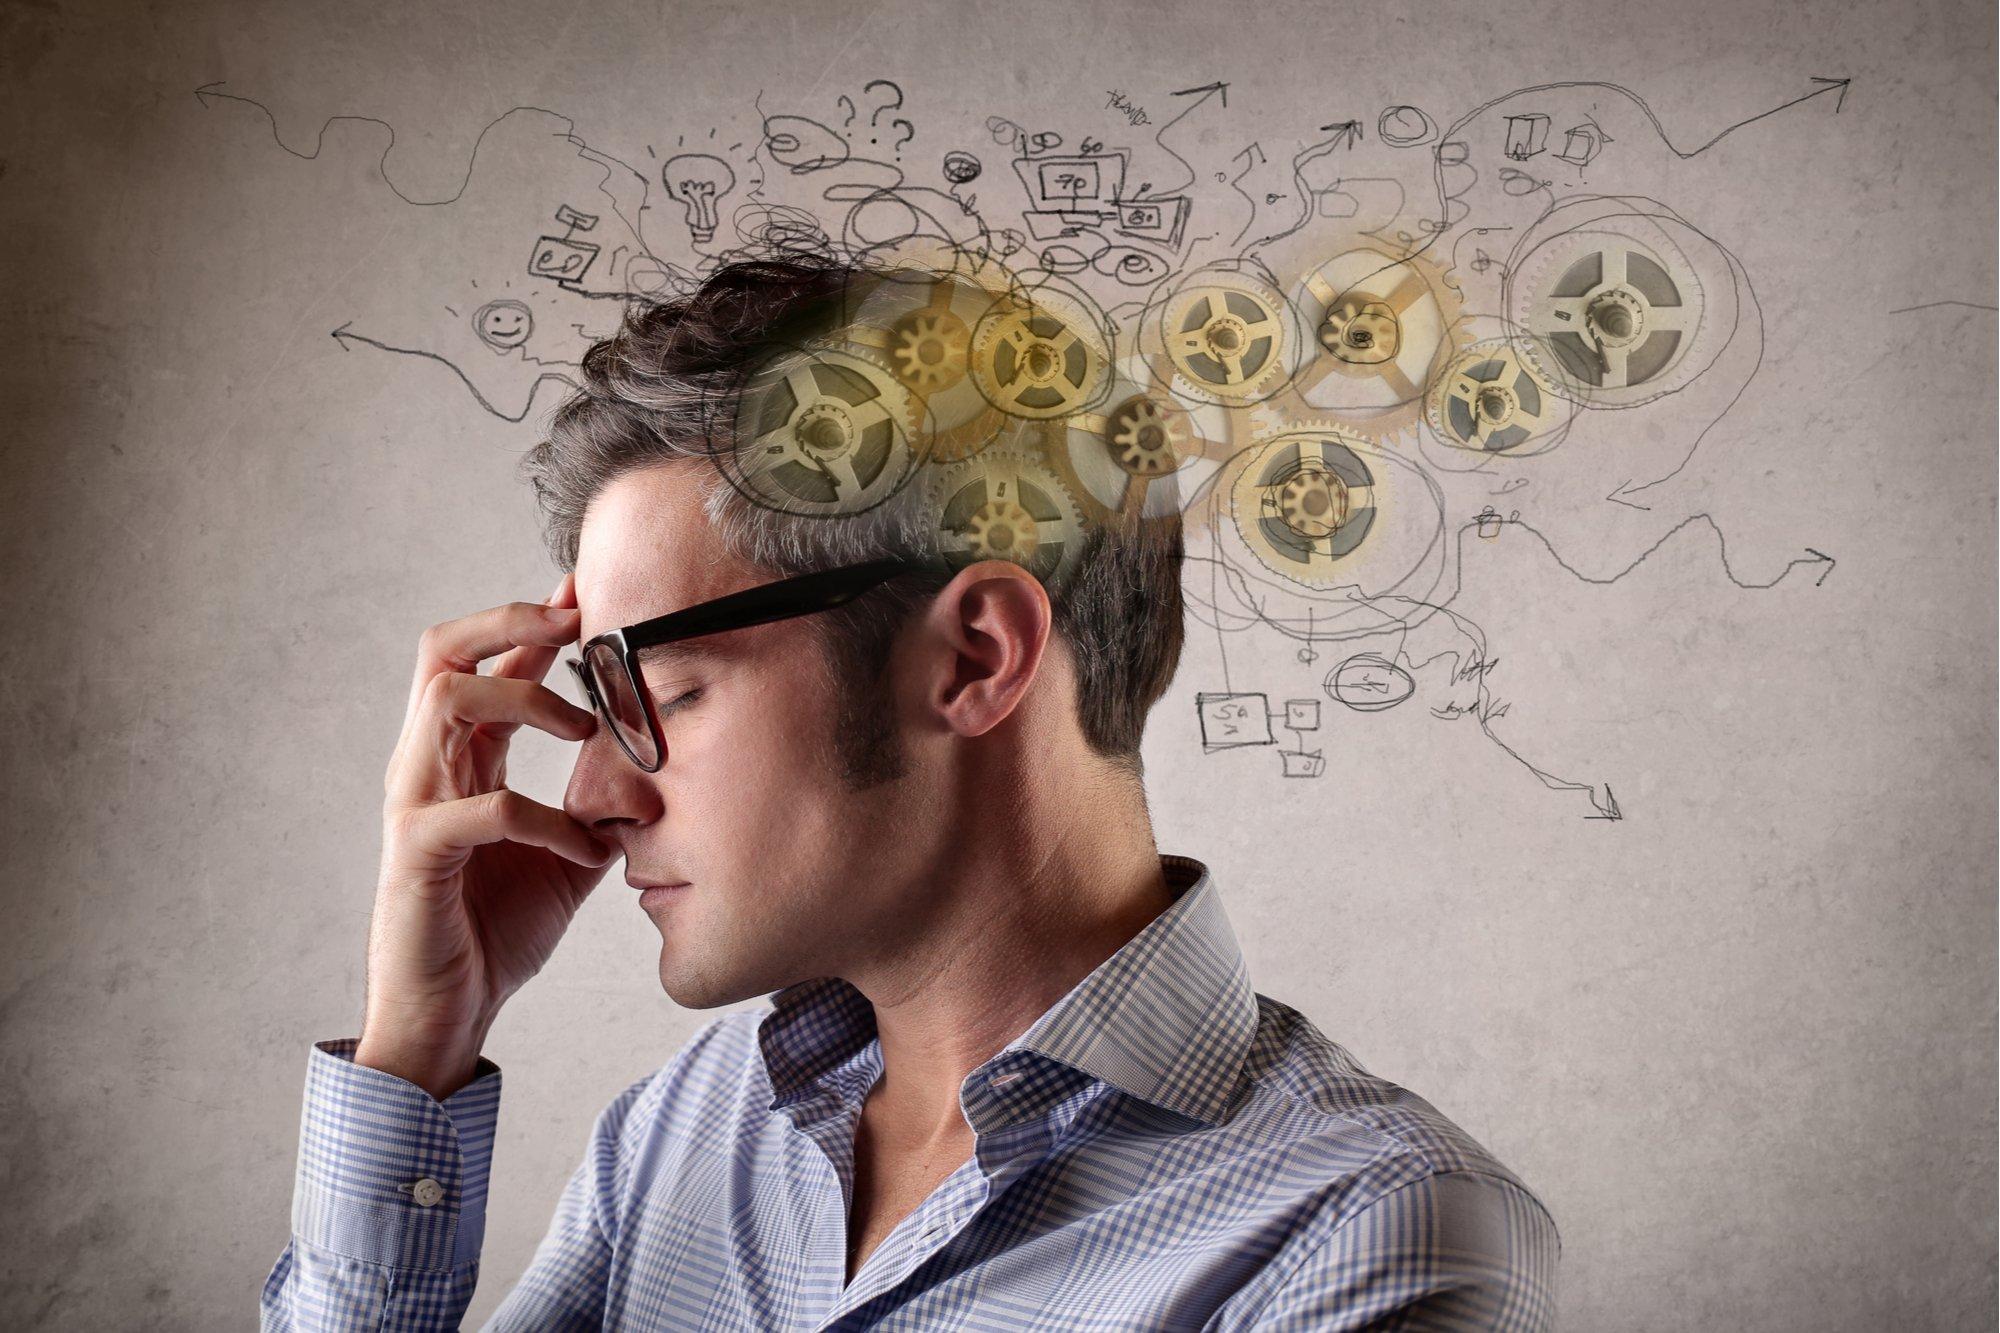 Ristrutturazione cognitiva: la guida completa